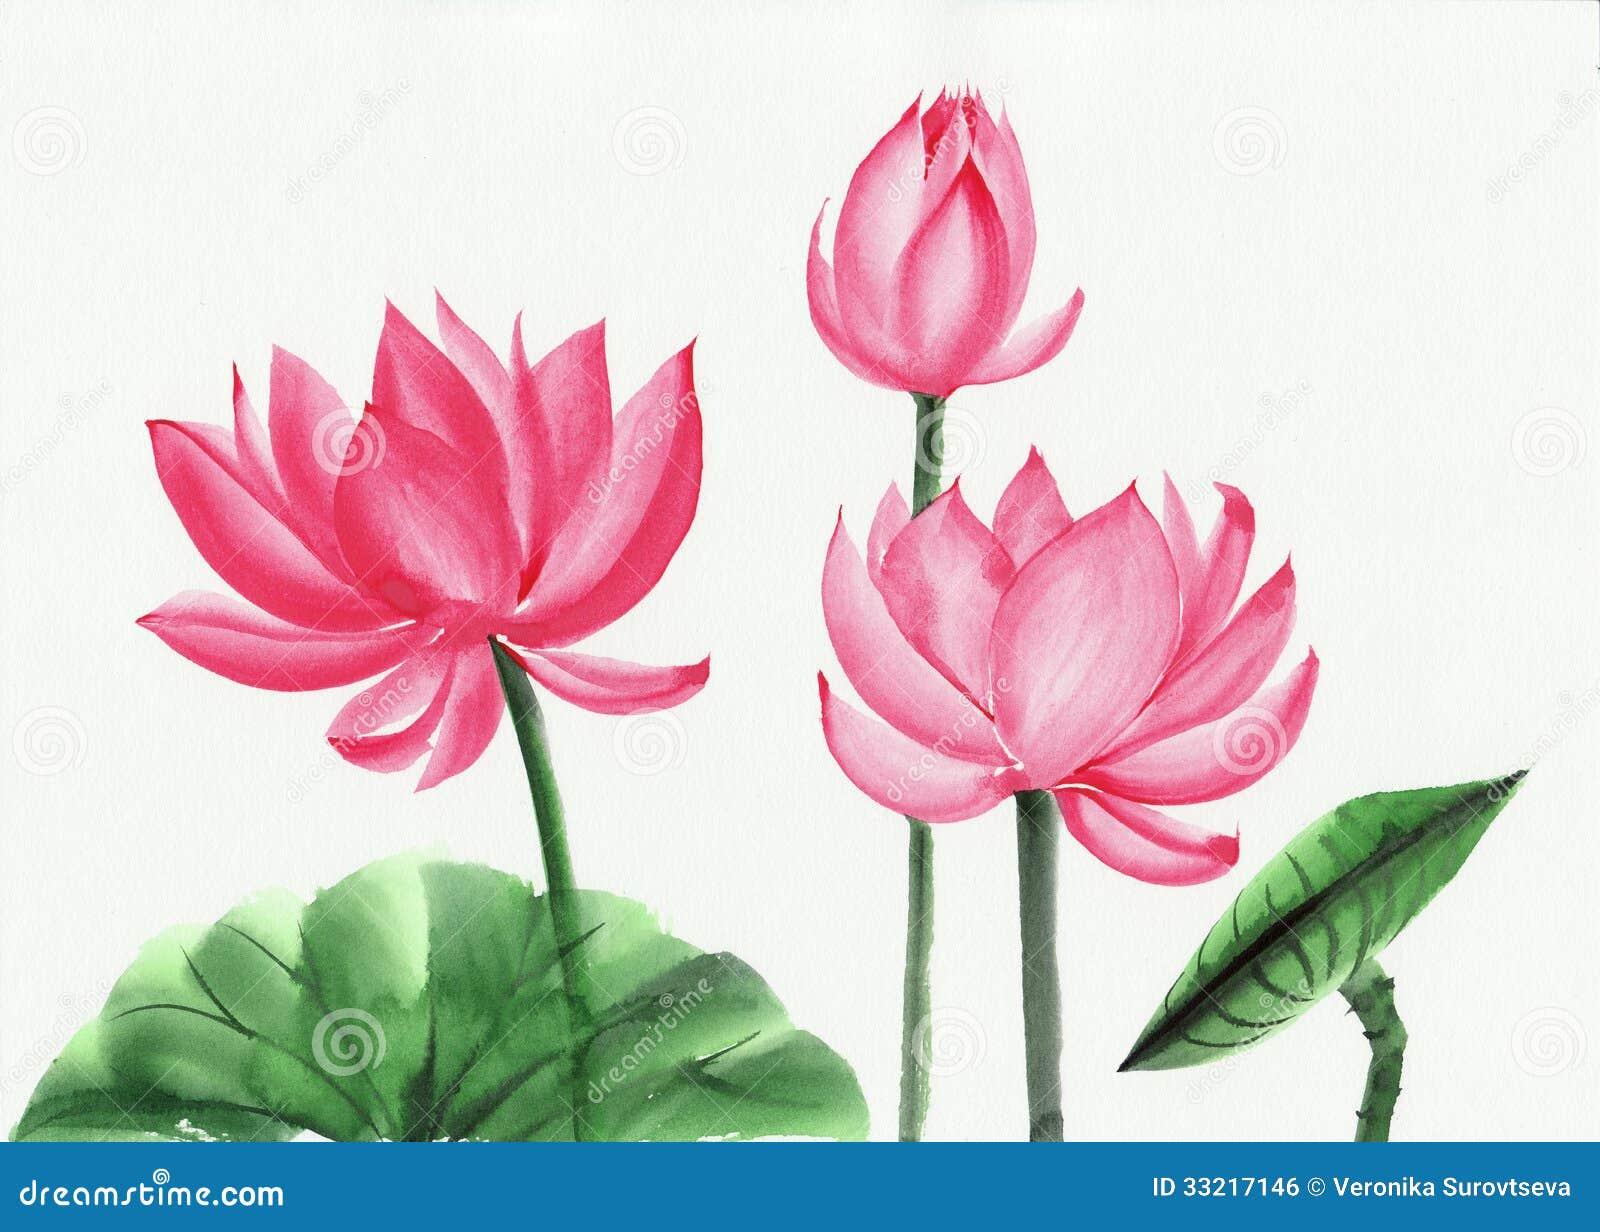 Lotus Flower Art pink lotus flower Royalty